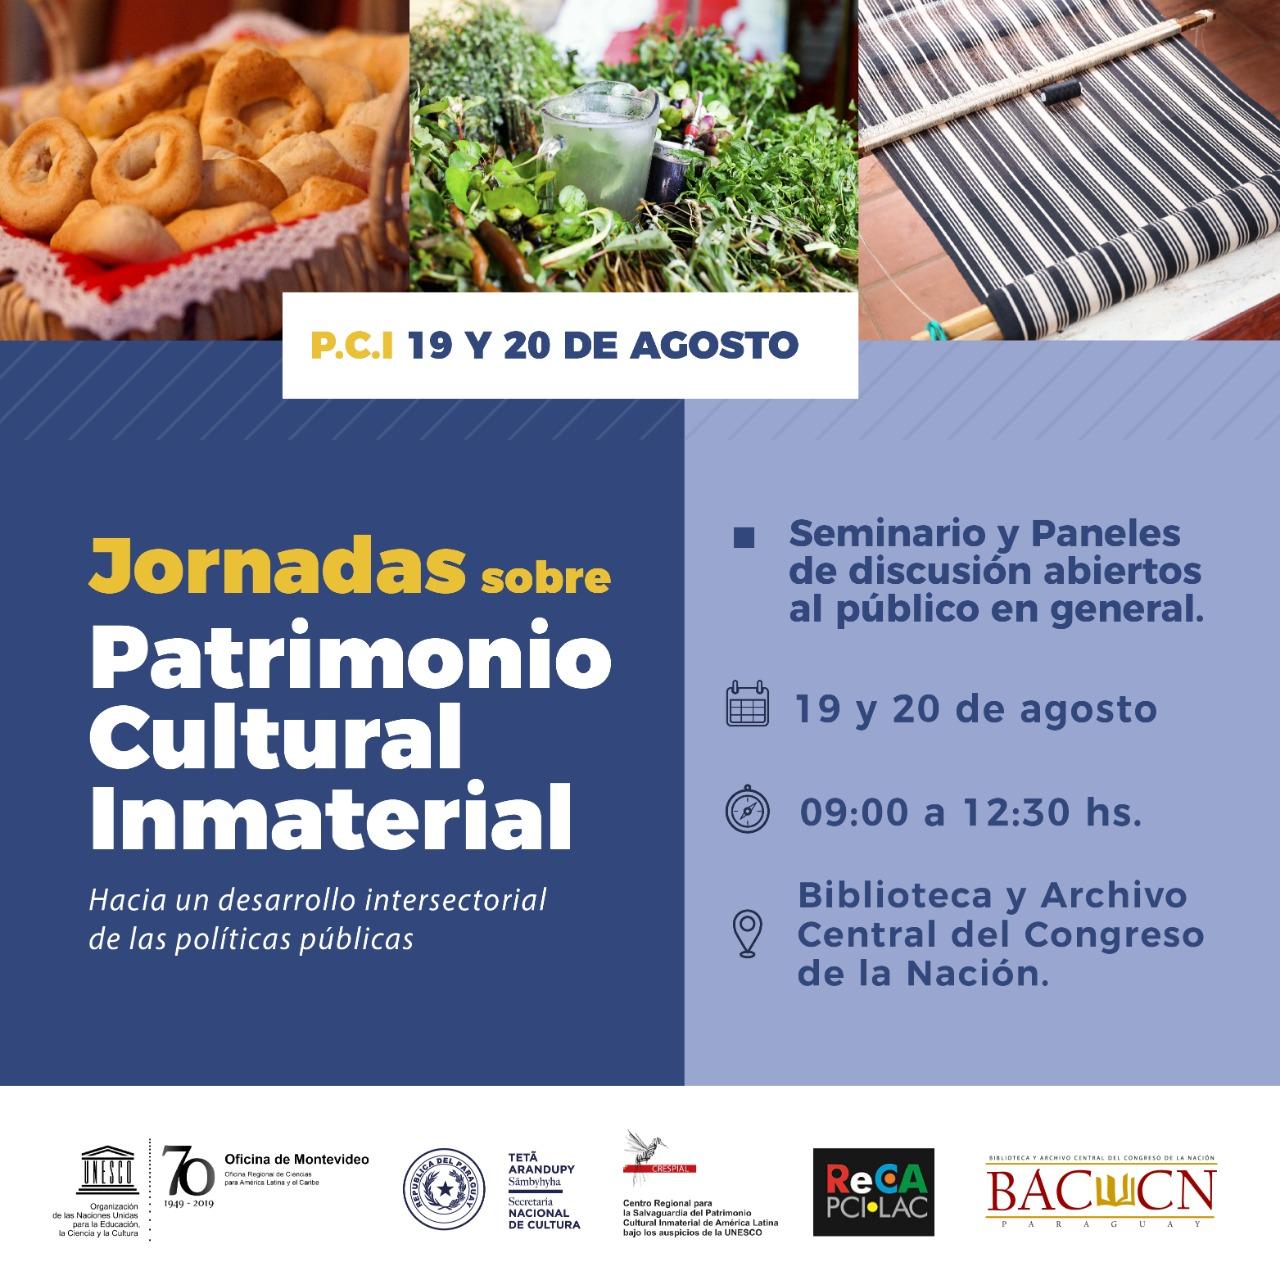 Realizarán Jornadas de Patrimonio Cultural Inmaterial en Paraguay abierta al público imagen